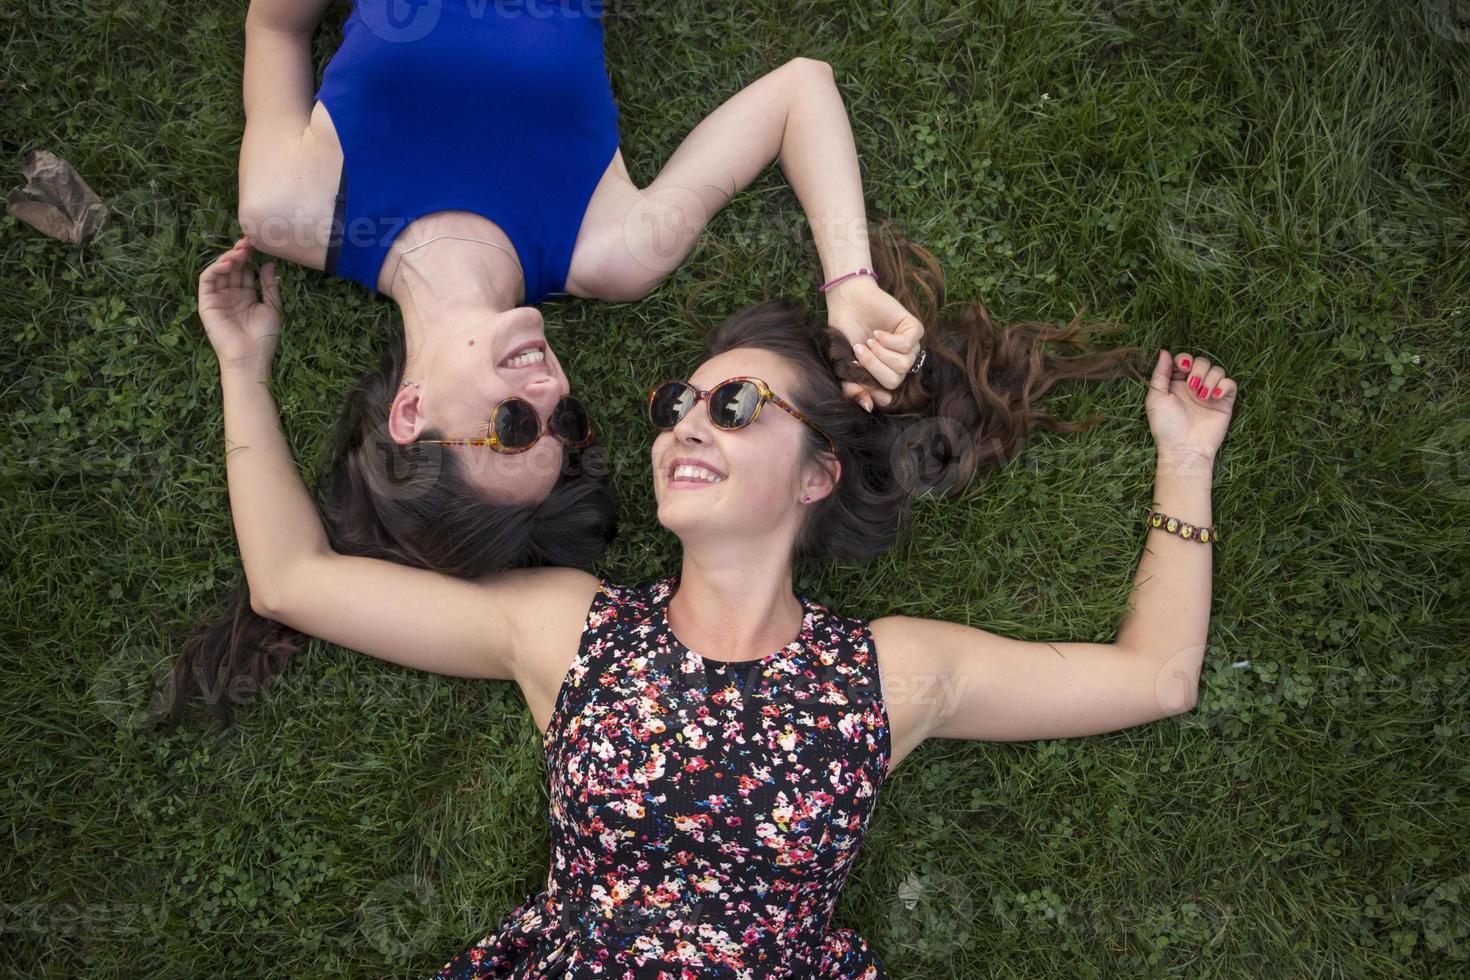 twee intieme schattige meisjes, ontspannen in het gras. foto